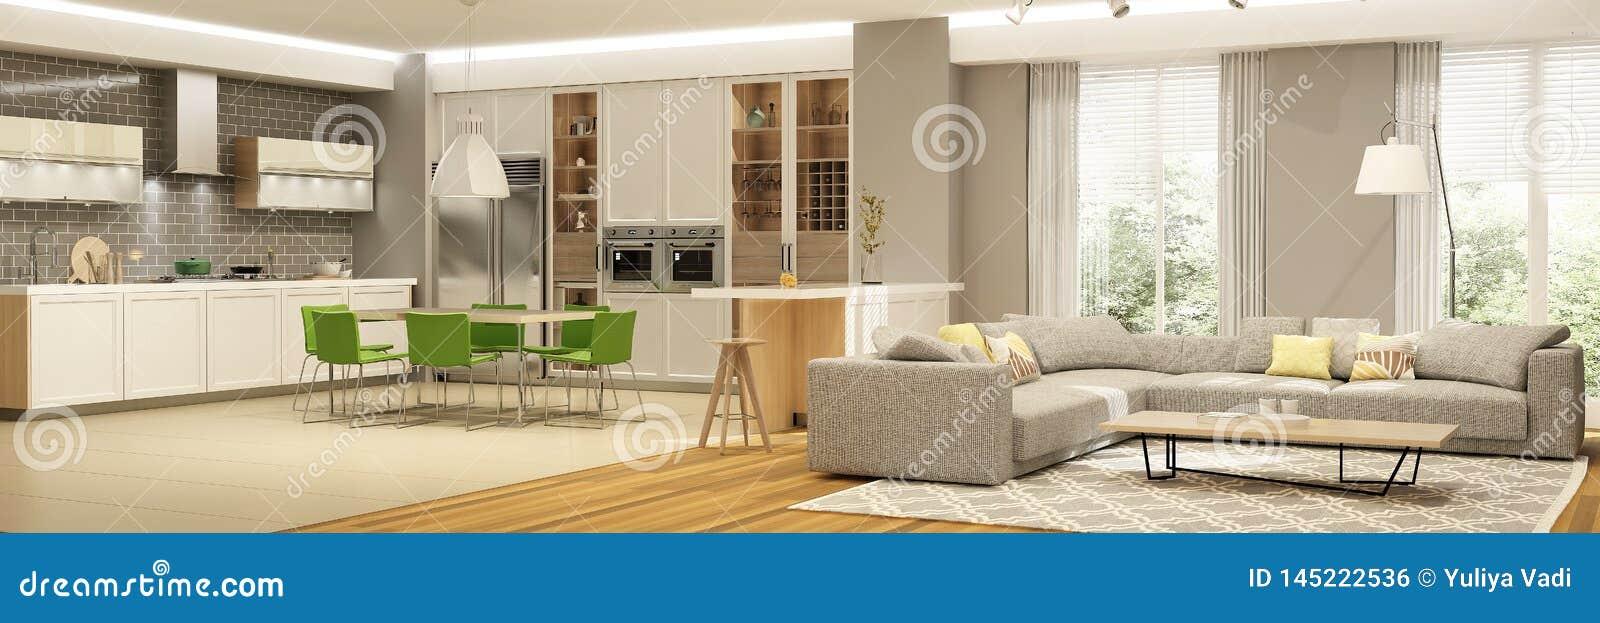 Moderner Innenraum Des Wohnzimmers Mit Der Kche In Einem Haus Oder Wohnung In Den Grauen Farben ...